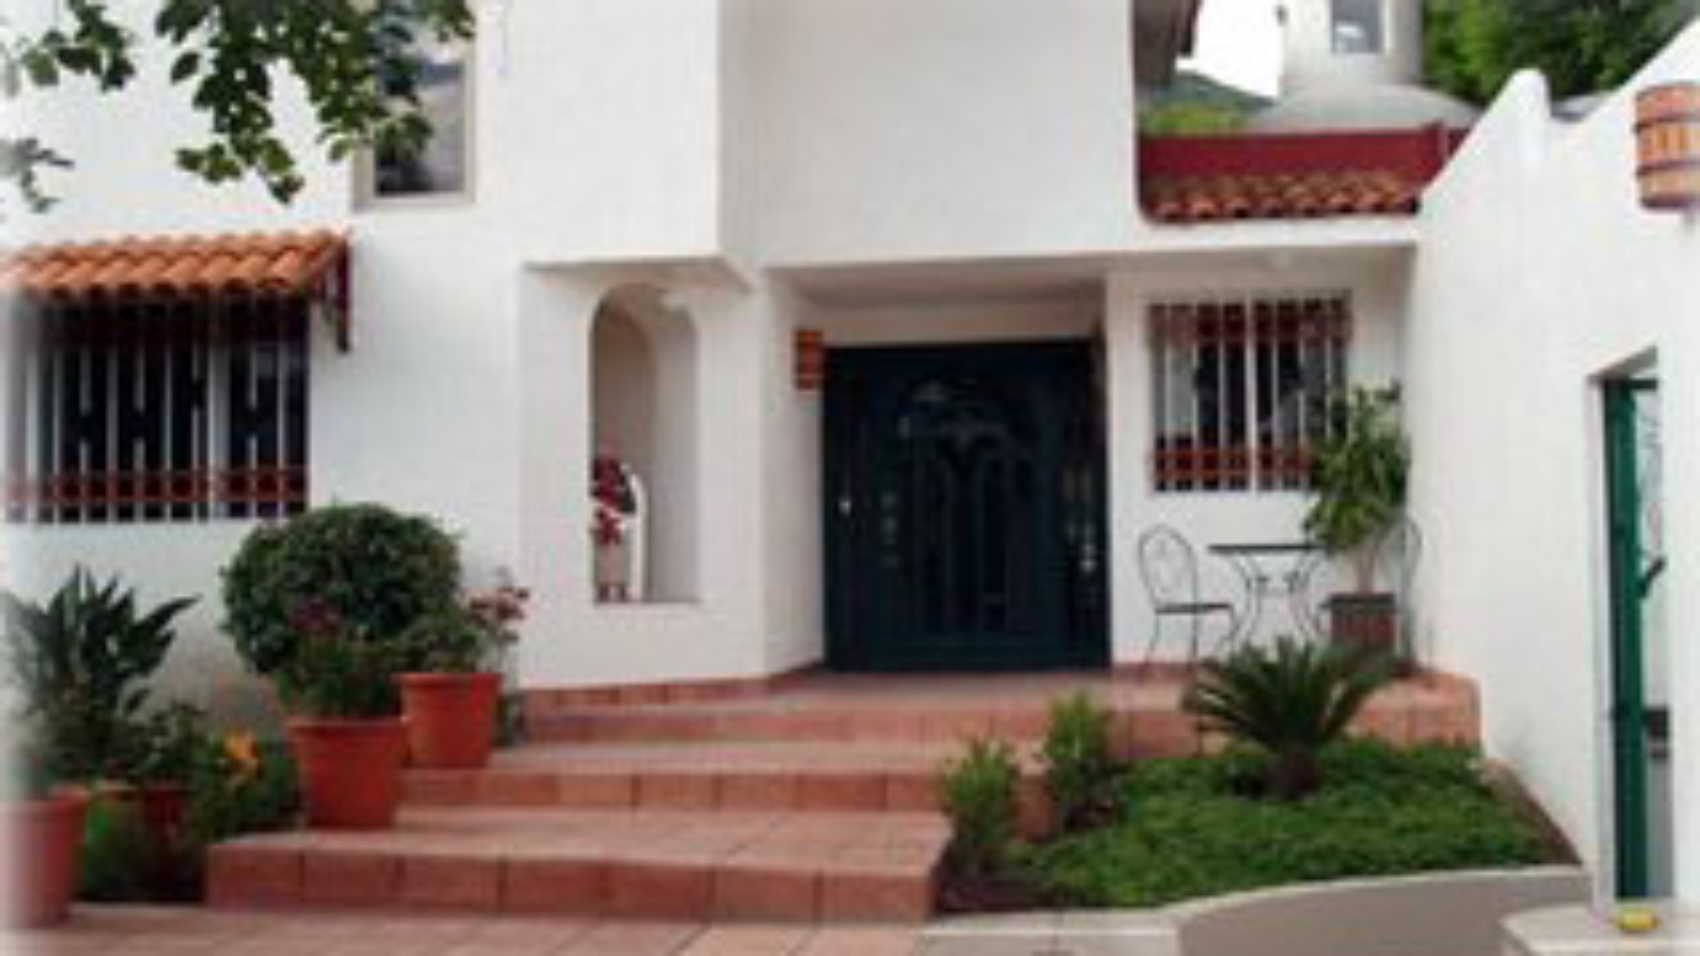 Cobb front_entrance